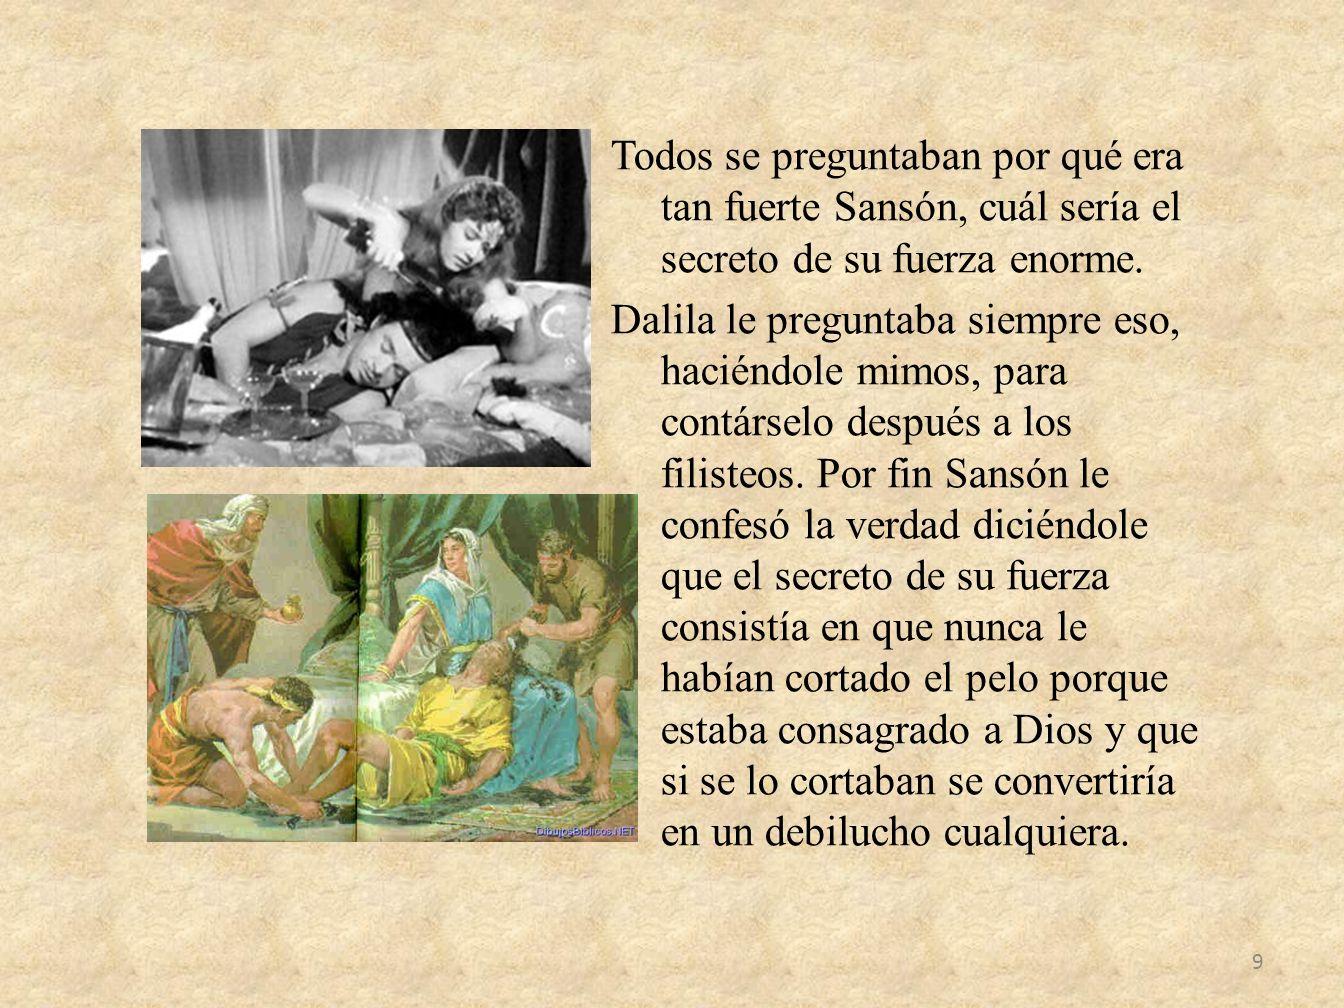 Una noche Sansón se quedó dormido, vino Dalila despacito, le cortó el pelo, avisando después a los filisteos.